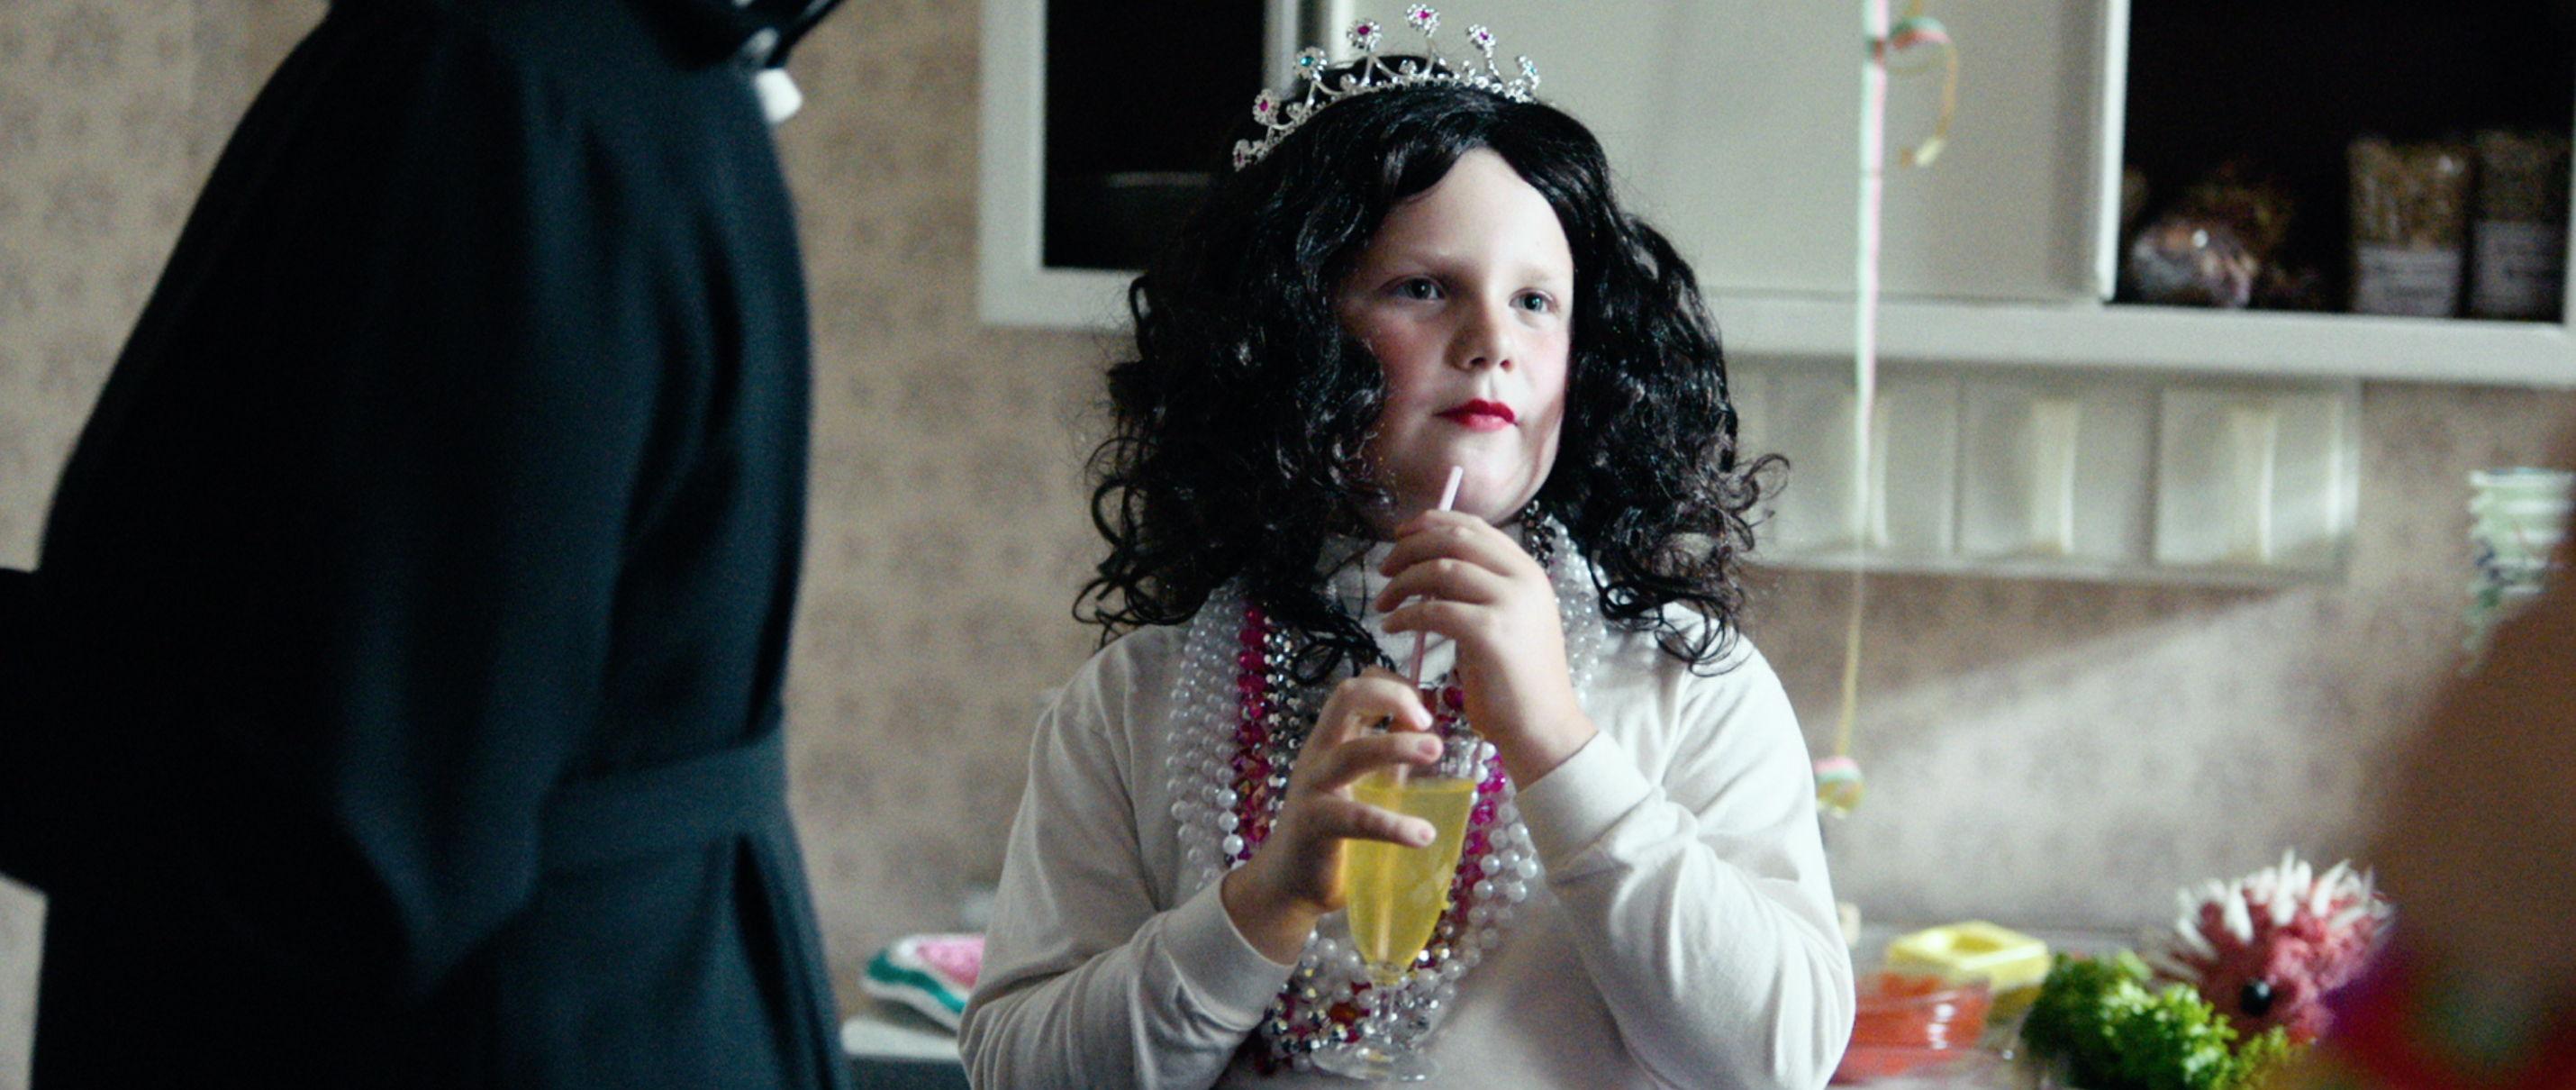 Der Junge muss an die frische Luft - all about me - Hape als Prinzessin an Karneval - Regie Caroline Link - Kamera Judith Kaufmann